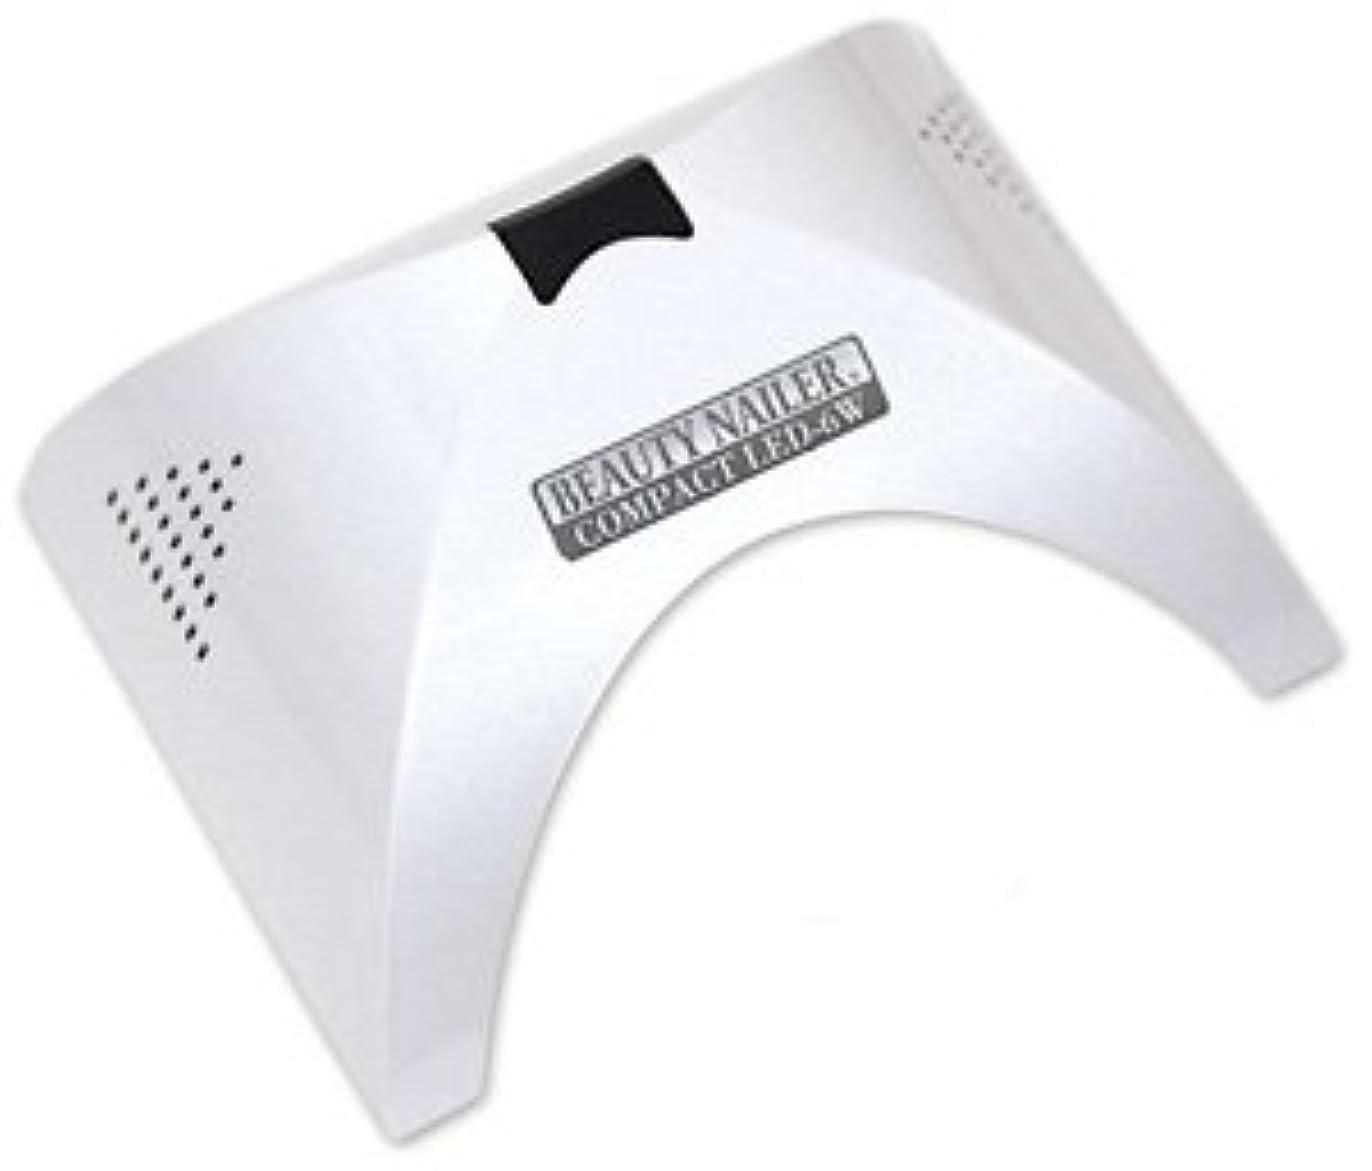 処理じゃない音節★ビューティーネイラー[BEAUTY NAILER] コンパクト LEDライト ホワイト